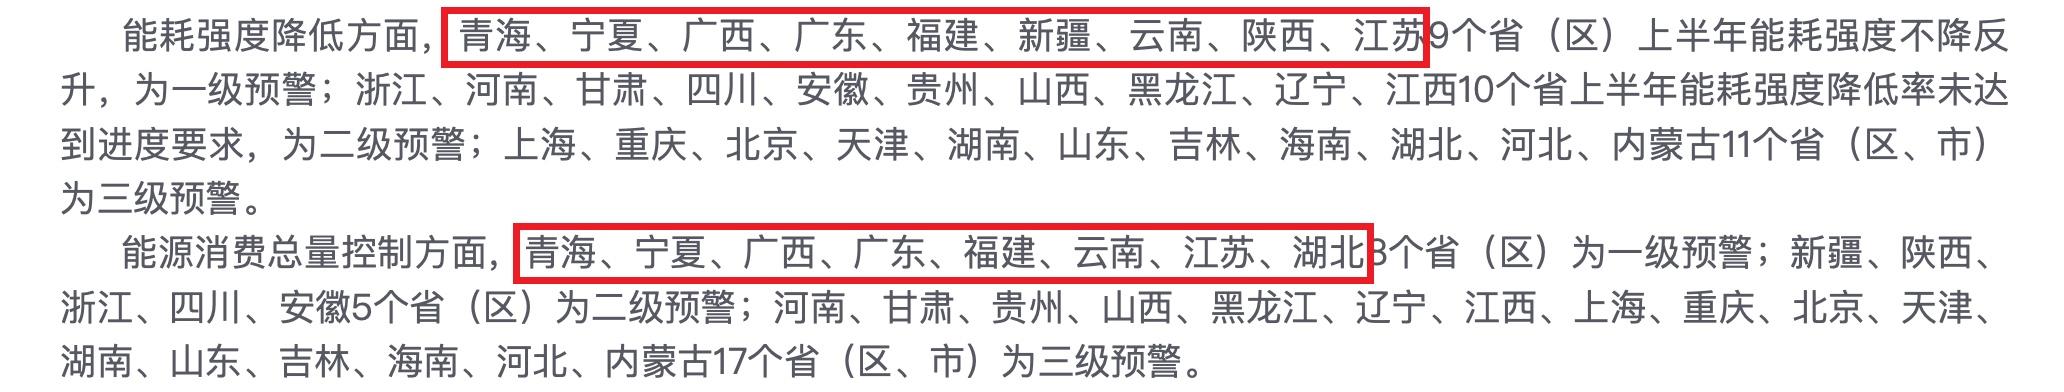 """A股""""拉闸停电""""32家公司限产 江苏省发改委回应:只是短期影响"""